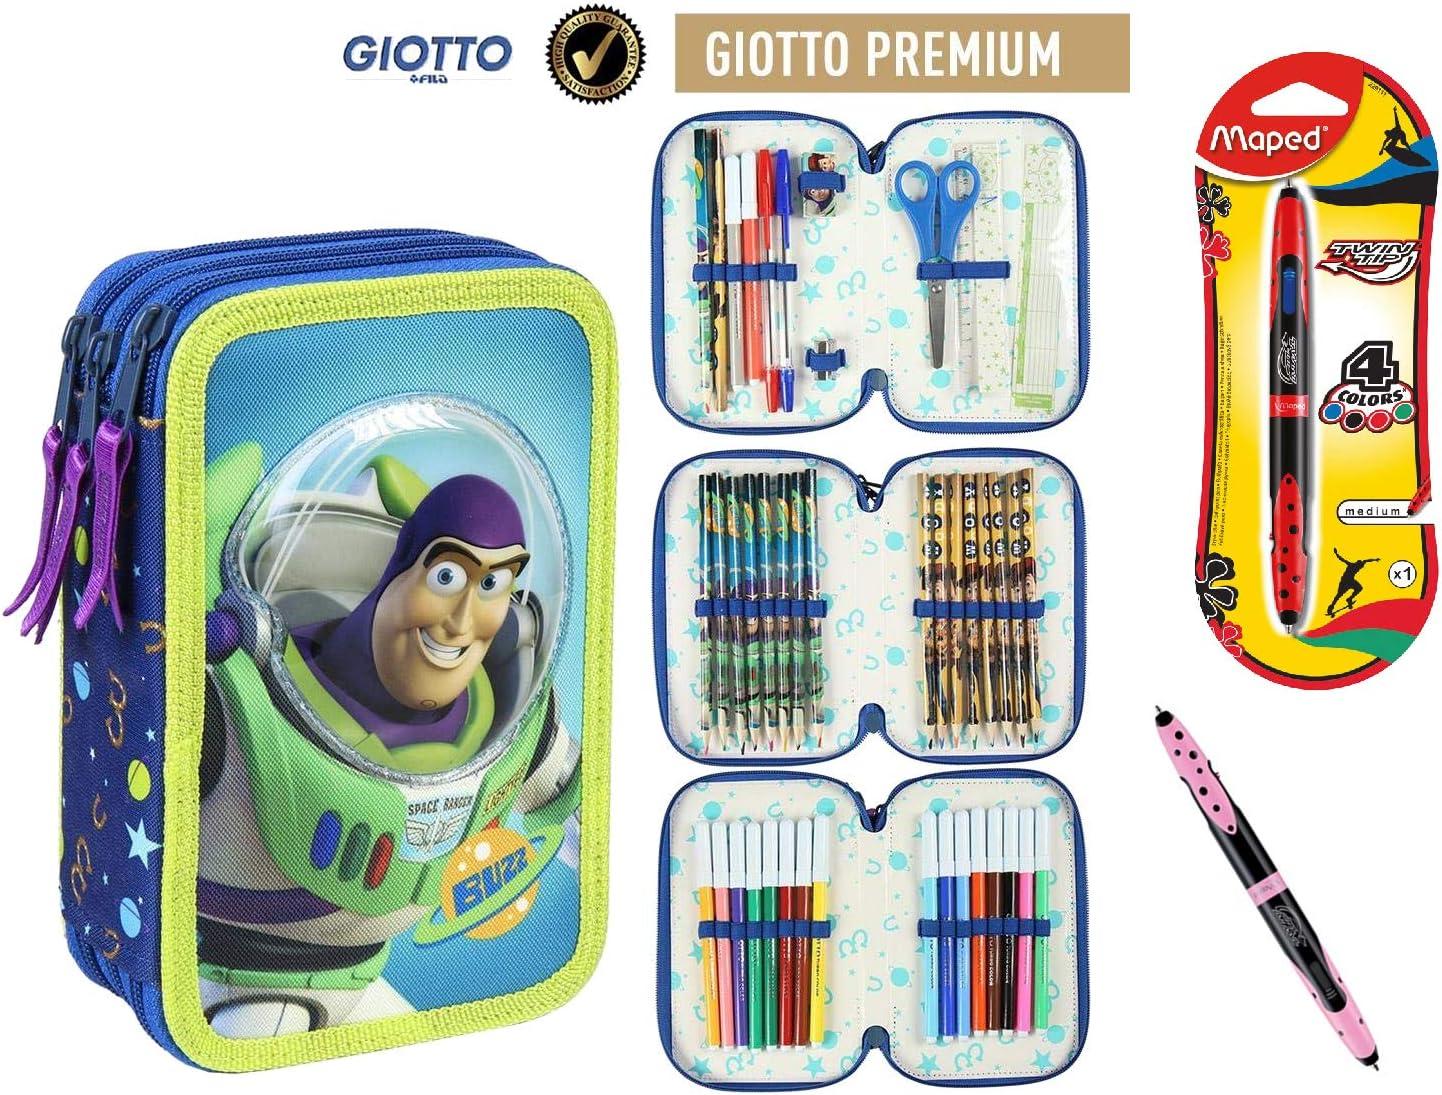 Cerdà Plumier Estuche Artesanía Premium de Cremallera Triple 3 Pisos Toy Story - Buzz - 43 Piezas Contenido Giotto + Regalo: Amazon.es: Juguetes y juegos